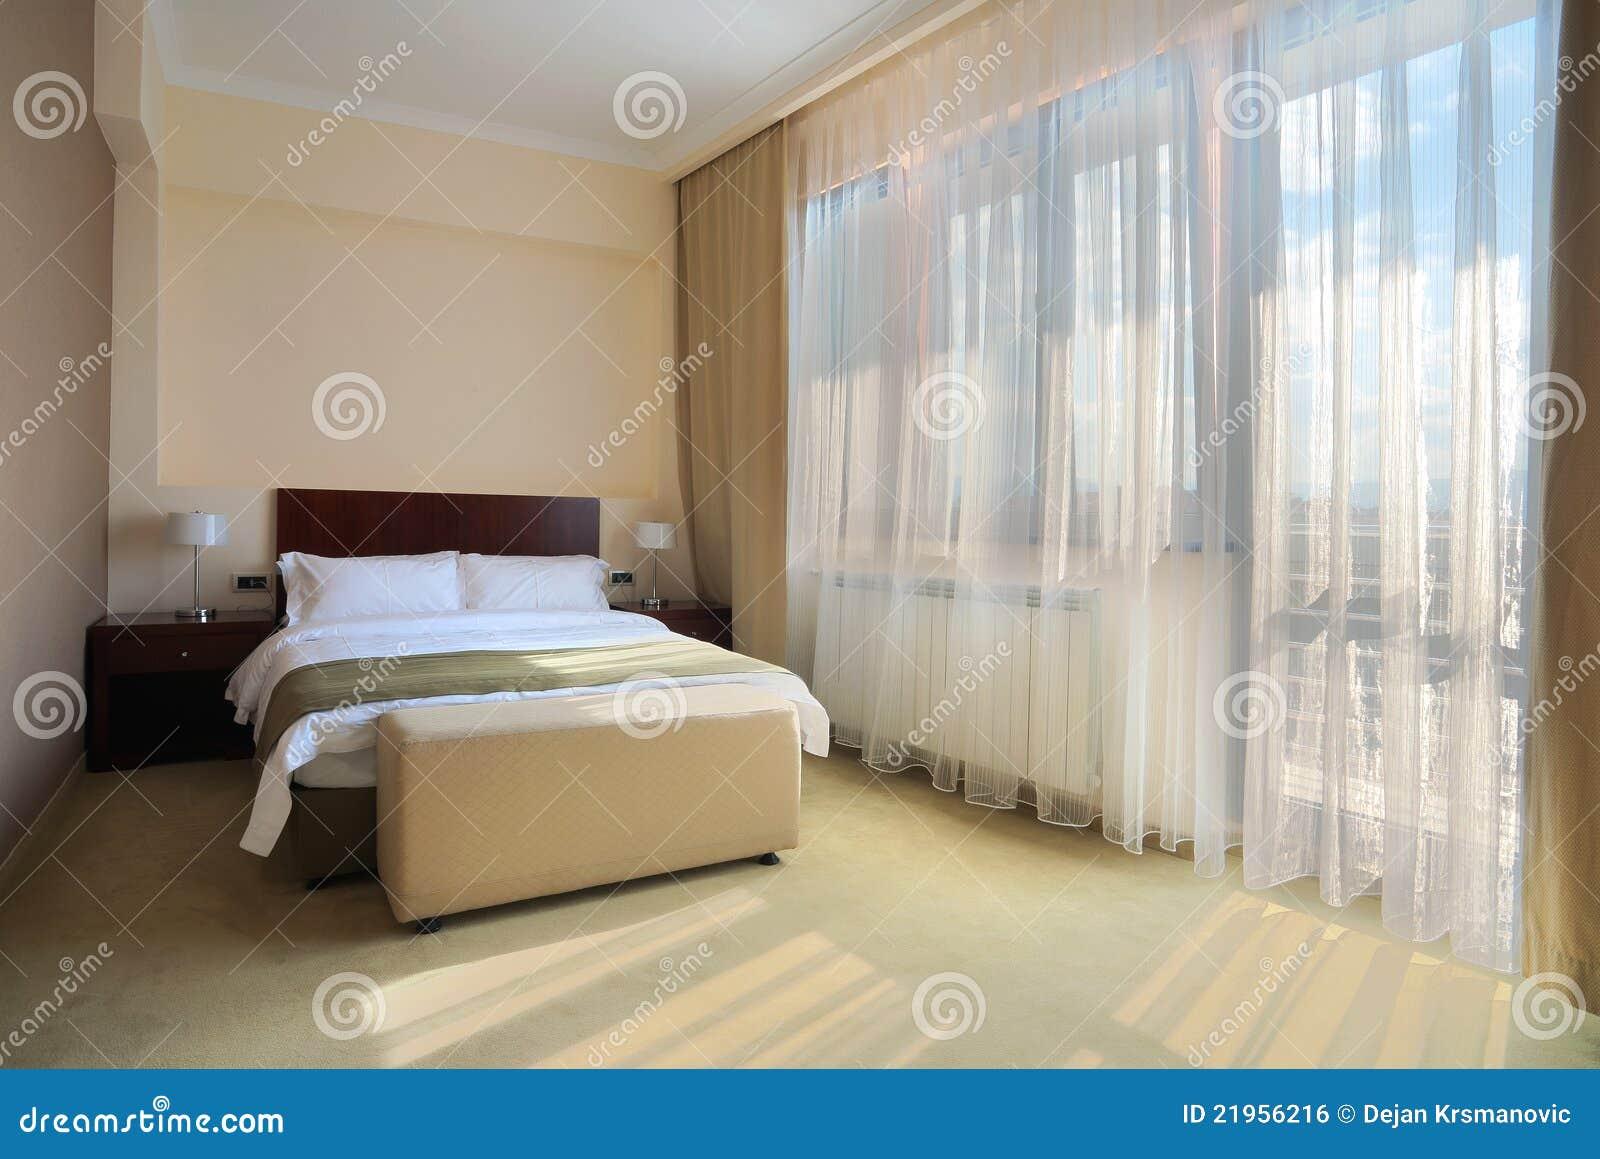 Afbeelding Voor Slaapkamer : Slaapkamer Voor Twee Royalty-vrije Stock ...